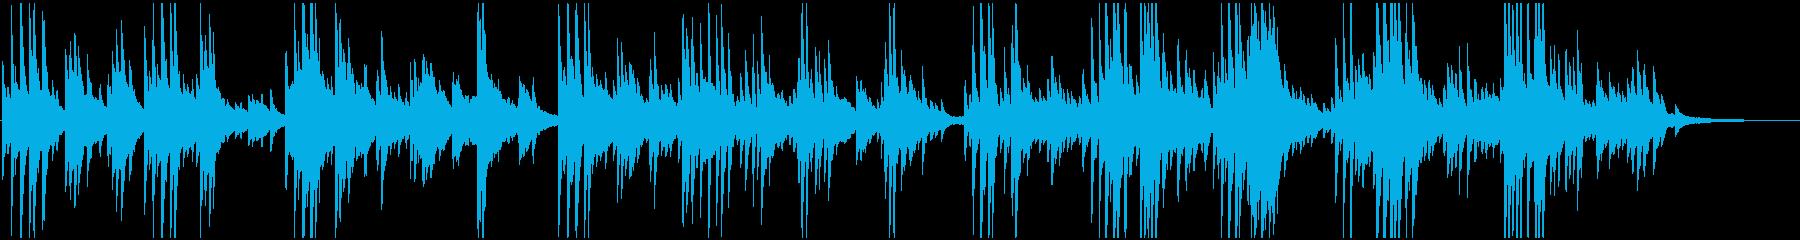 ゆるやかで感動的なピアノバラードの再生済みの波形